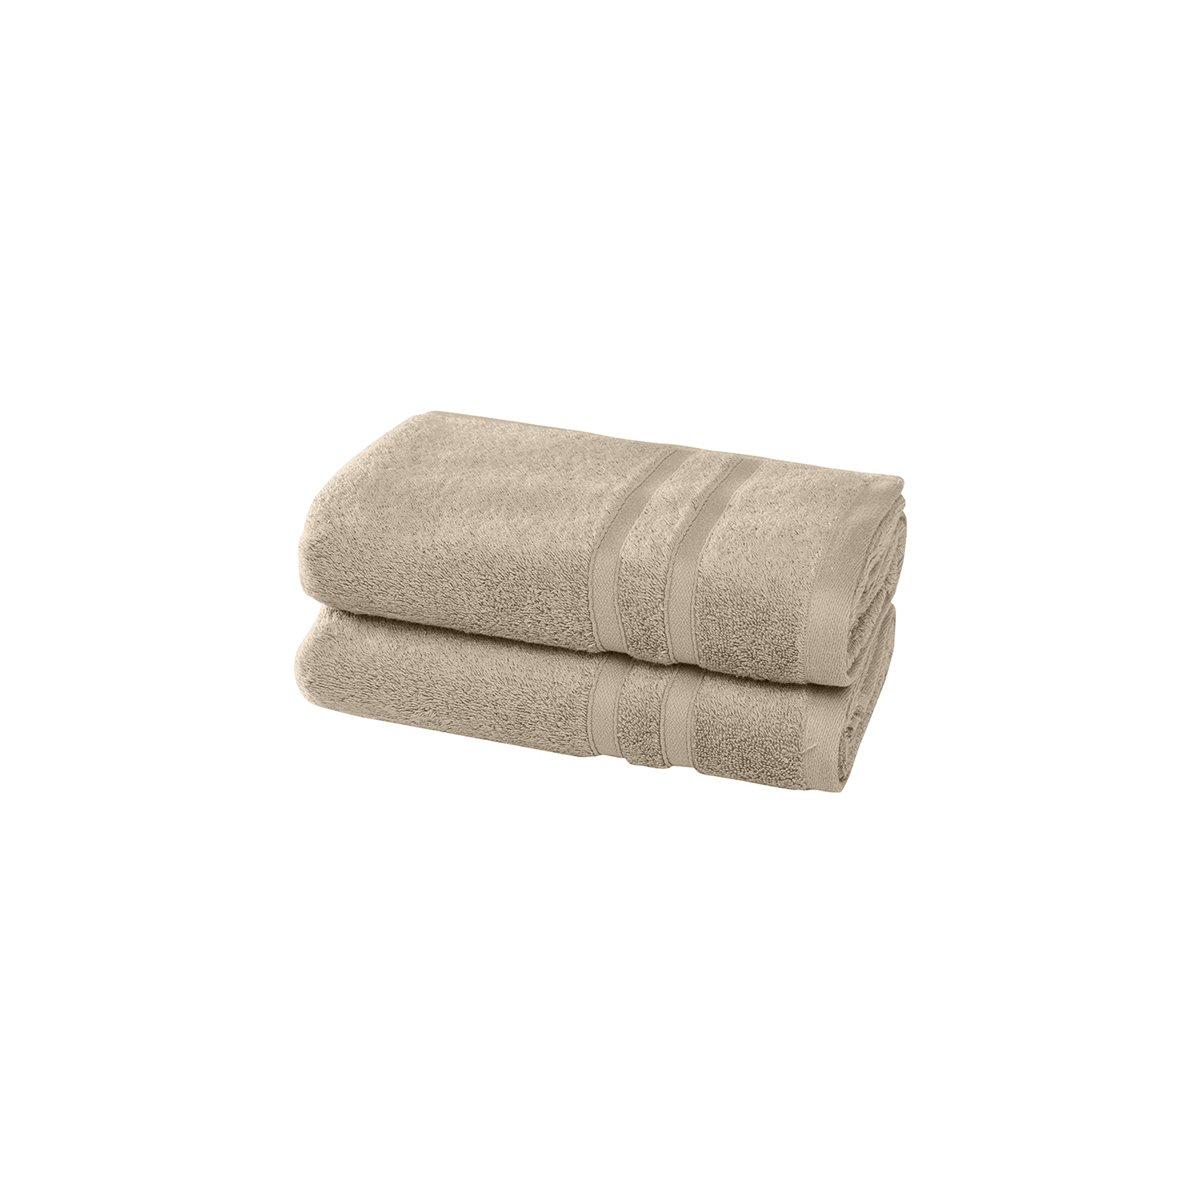 2 serviettes en coton bio Corde 50x100 cm